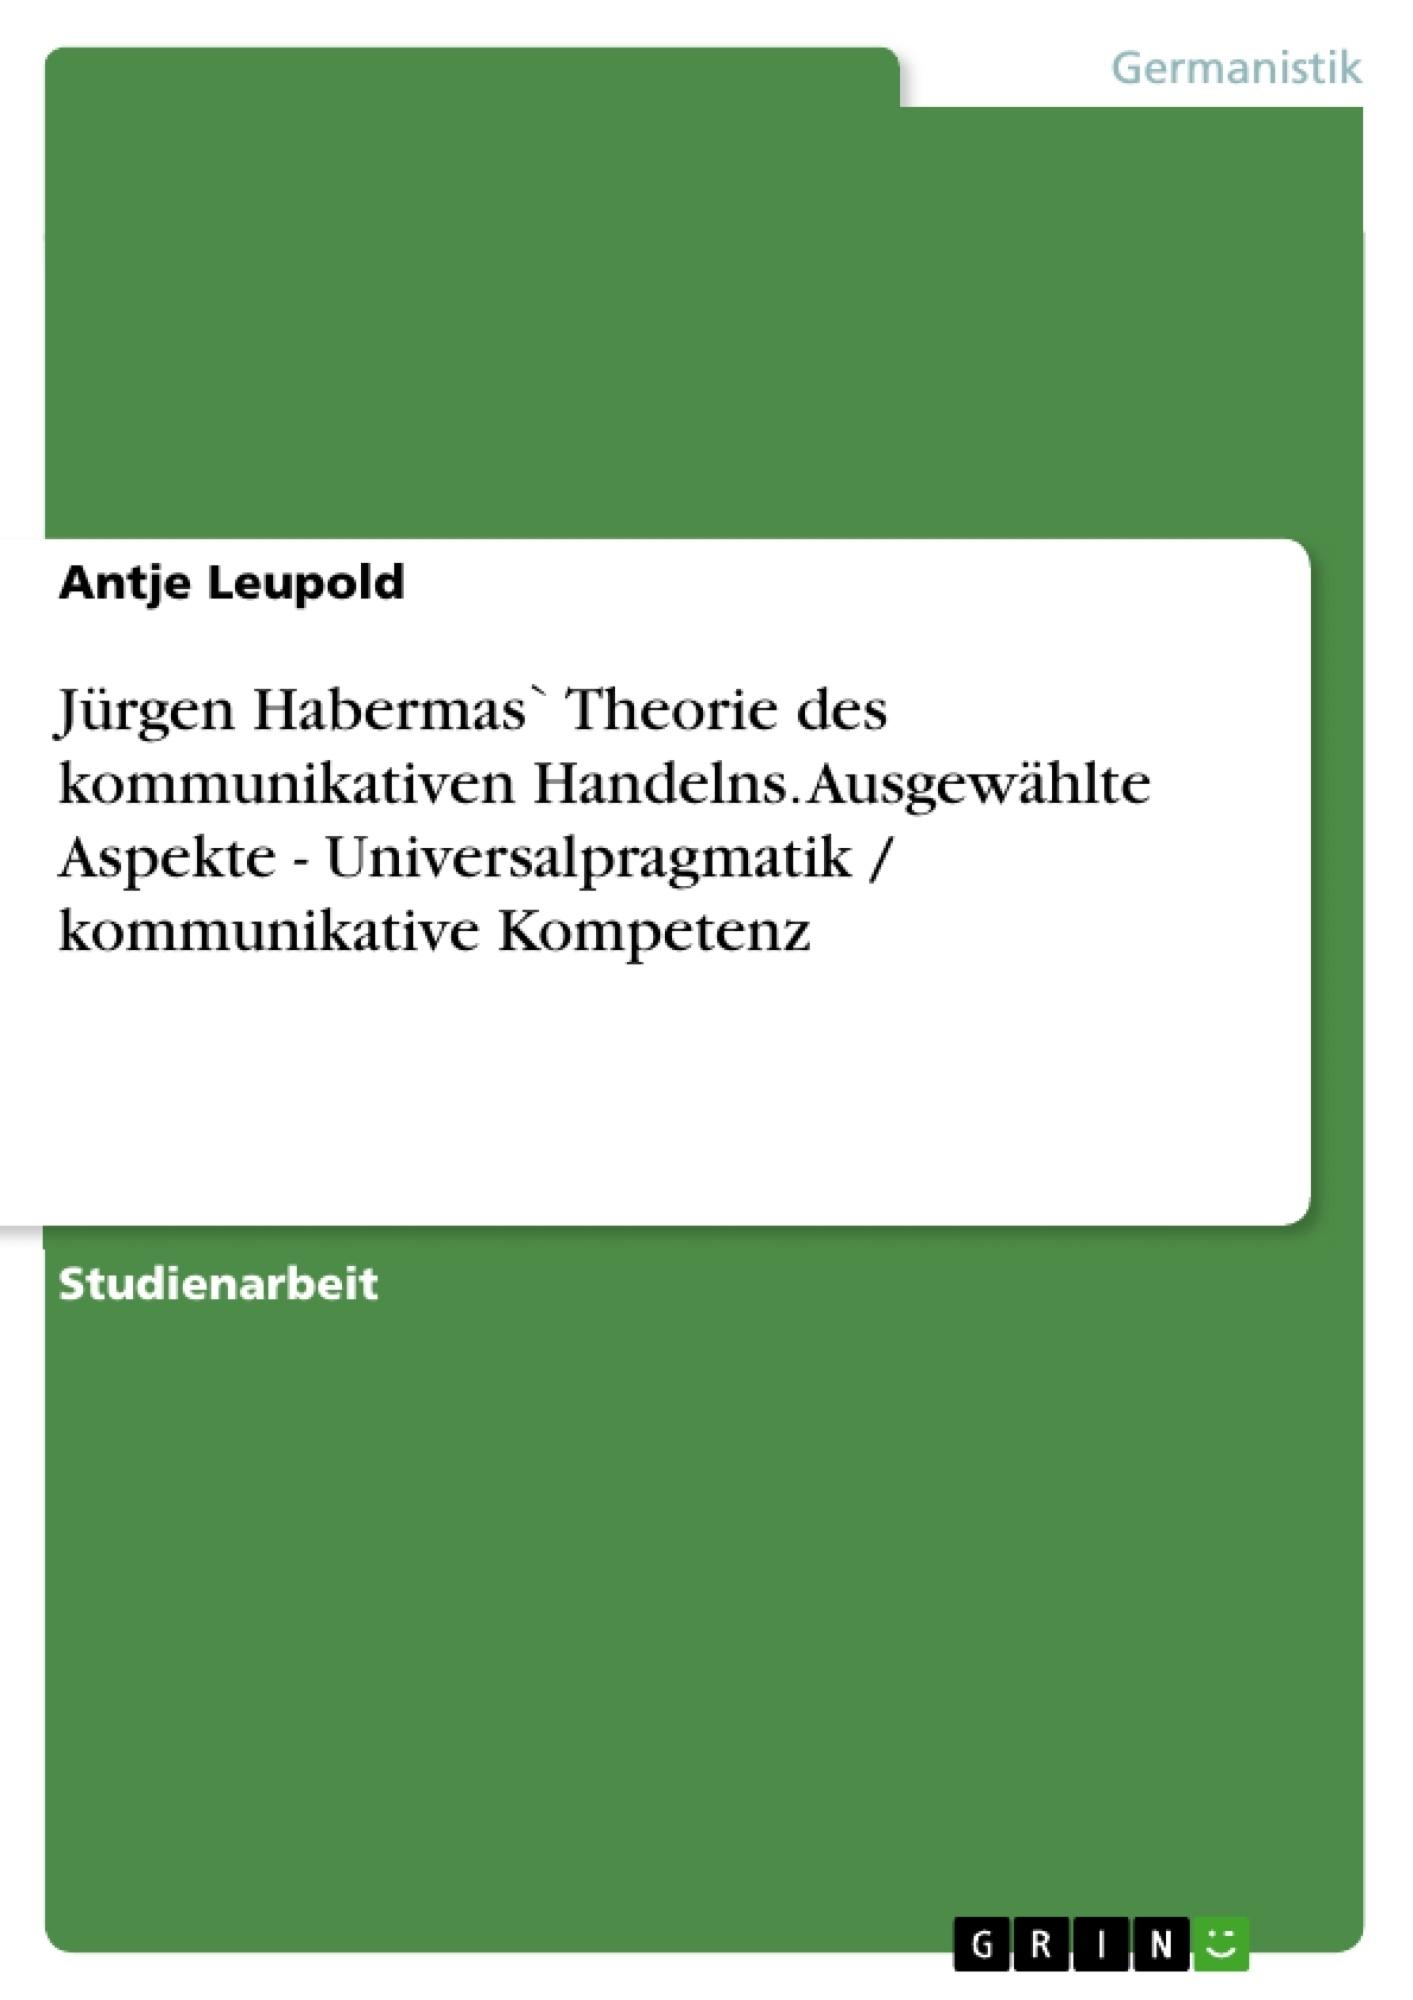 Titel: Jürgen Habermas` Theorie des kommunikativen Handelns. Ausgewählte Aspekte - Universalpragmatik / kommunikative Kompetenz